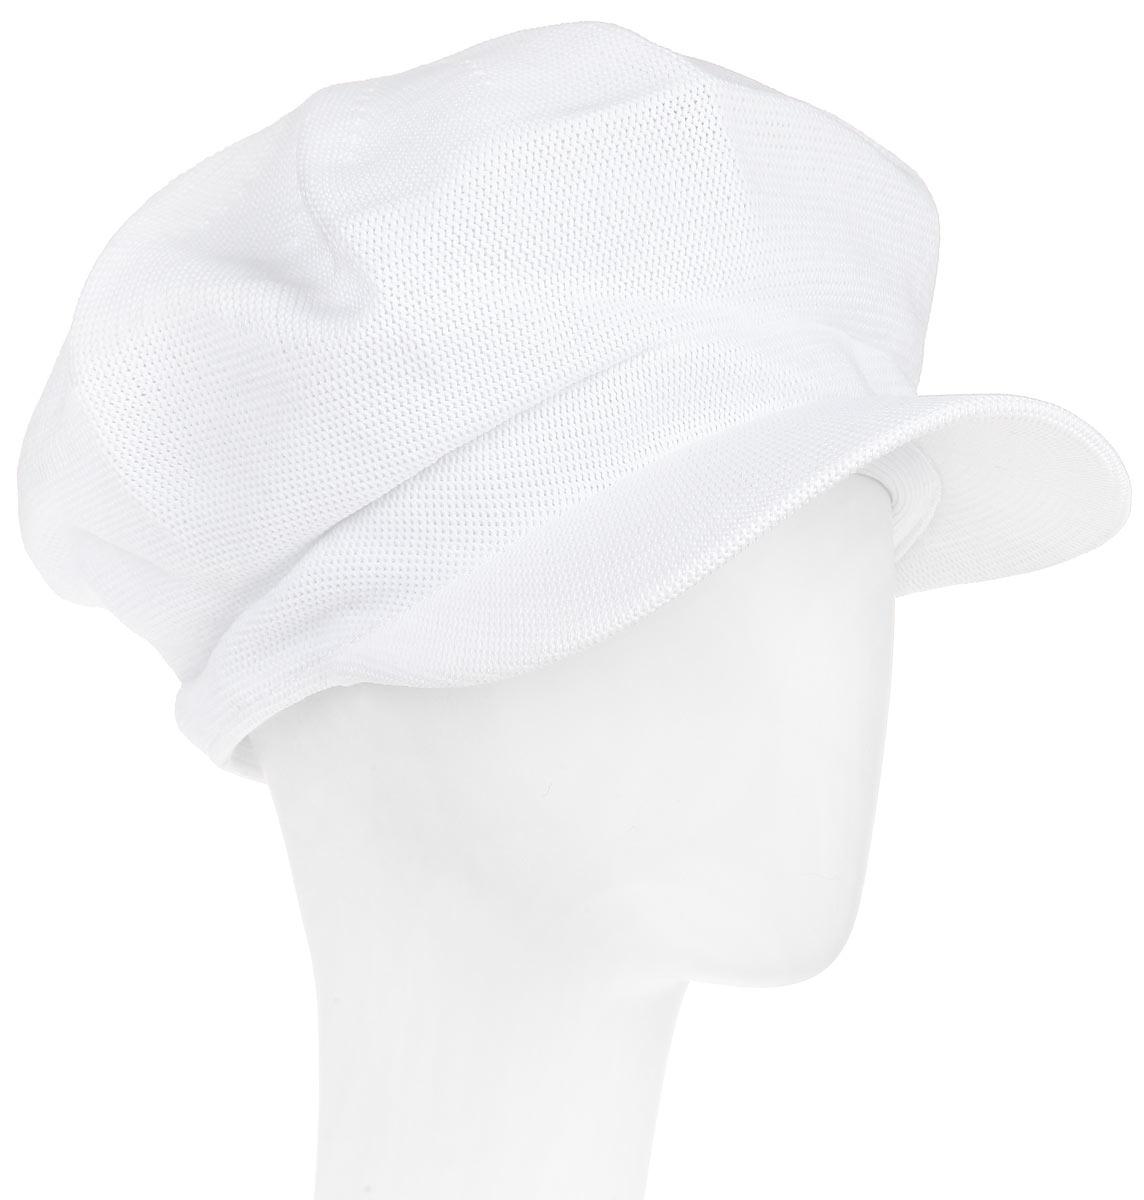 Кепка мужская Canoe Guten, цвет: белый. 1961240. Размер 591961240Мужская кепка Canoe Guten дополнит ваш образ в прохладную погоду.Сочетание полиэстера и акрила обеспечивает удобную посадку. Модель в стиле 30-х годов. Имеет козырек - 5 см, закругленной формы. Такая кепка составит идеальный комплект с модной верхней одеждой, в ней вам будет уютно и тепло!